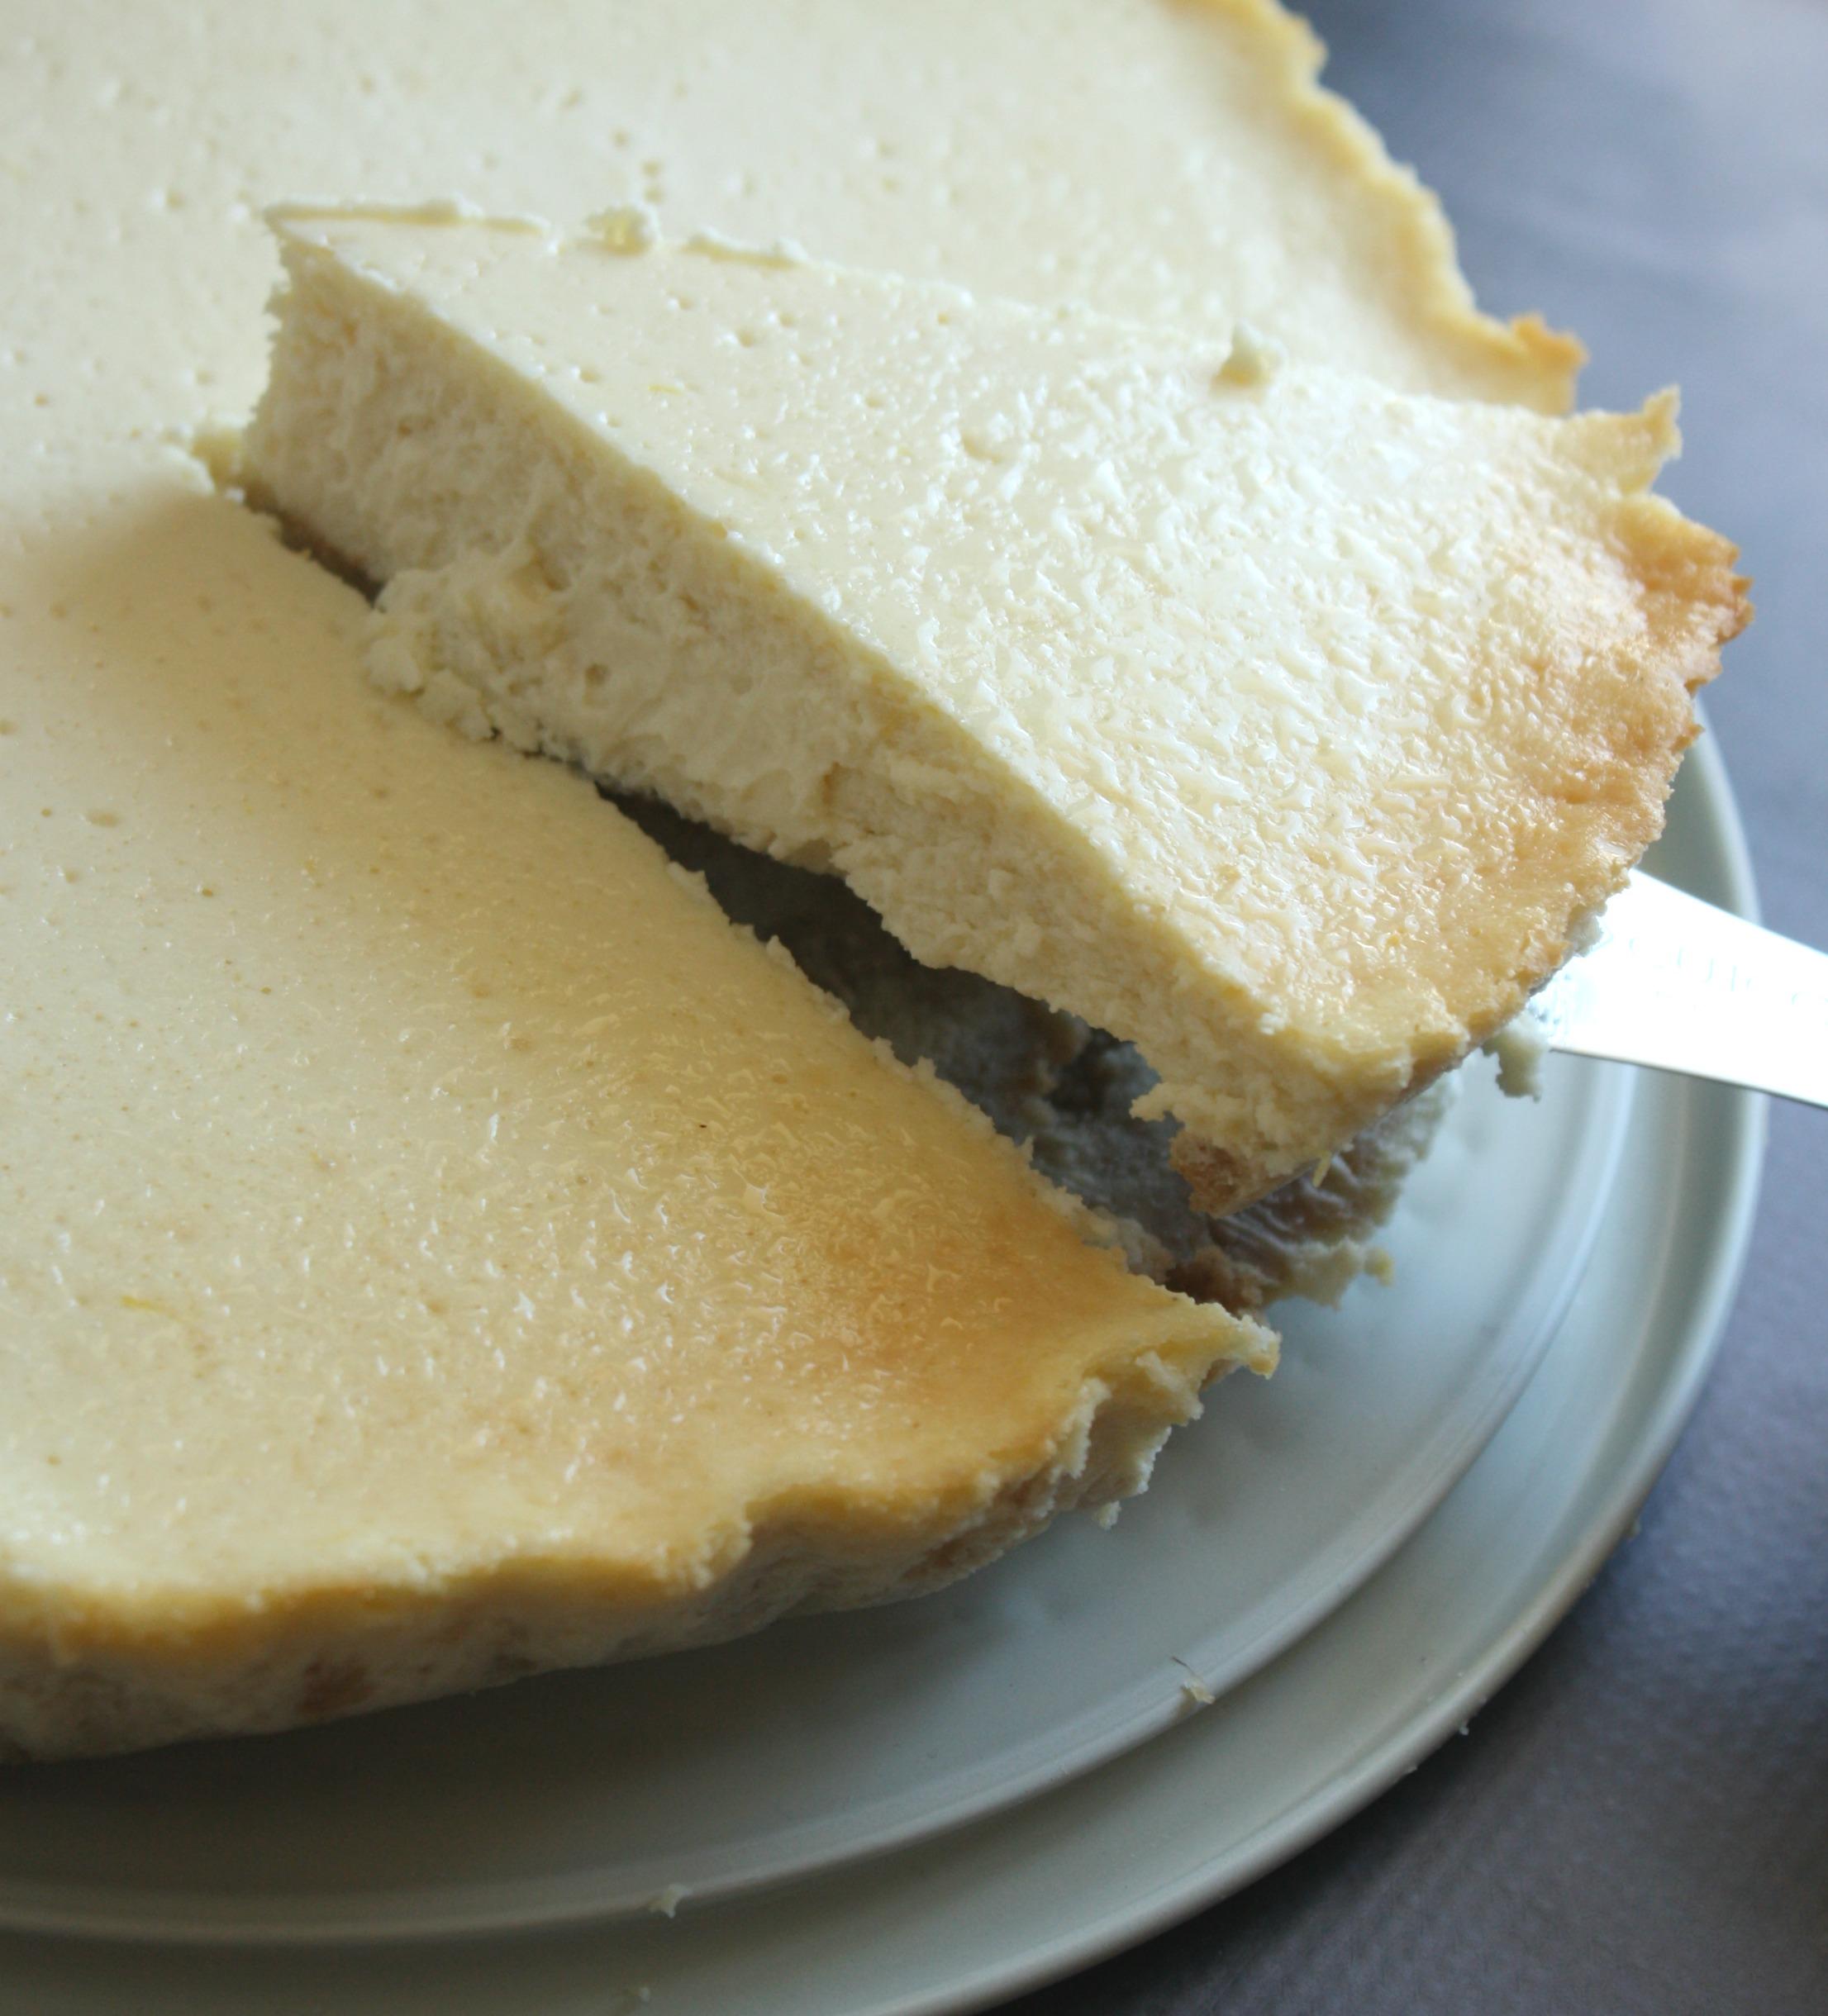 Yogurt Cheesecake with Blueberries